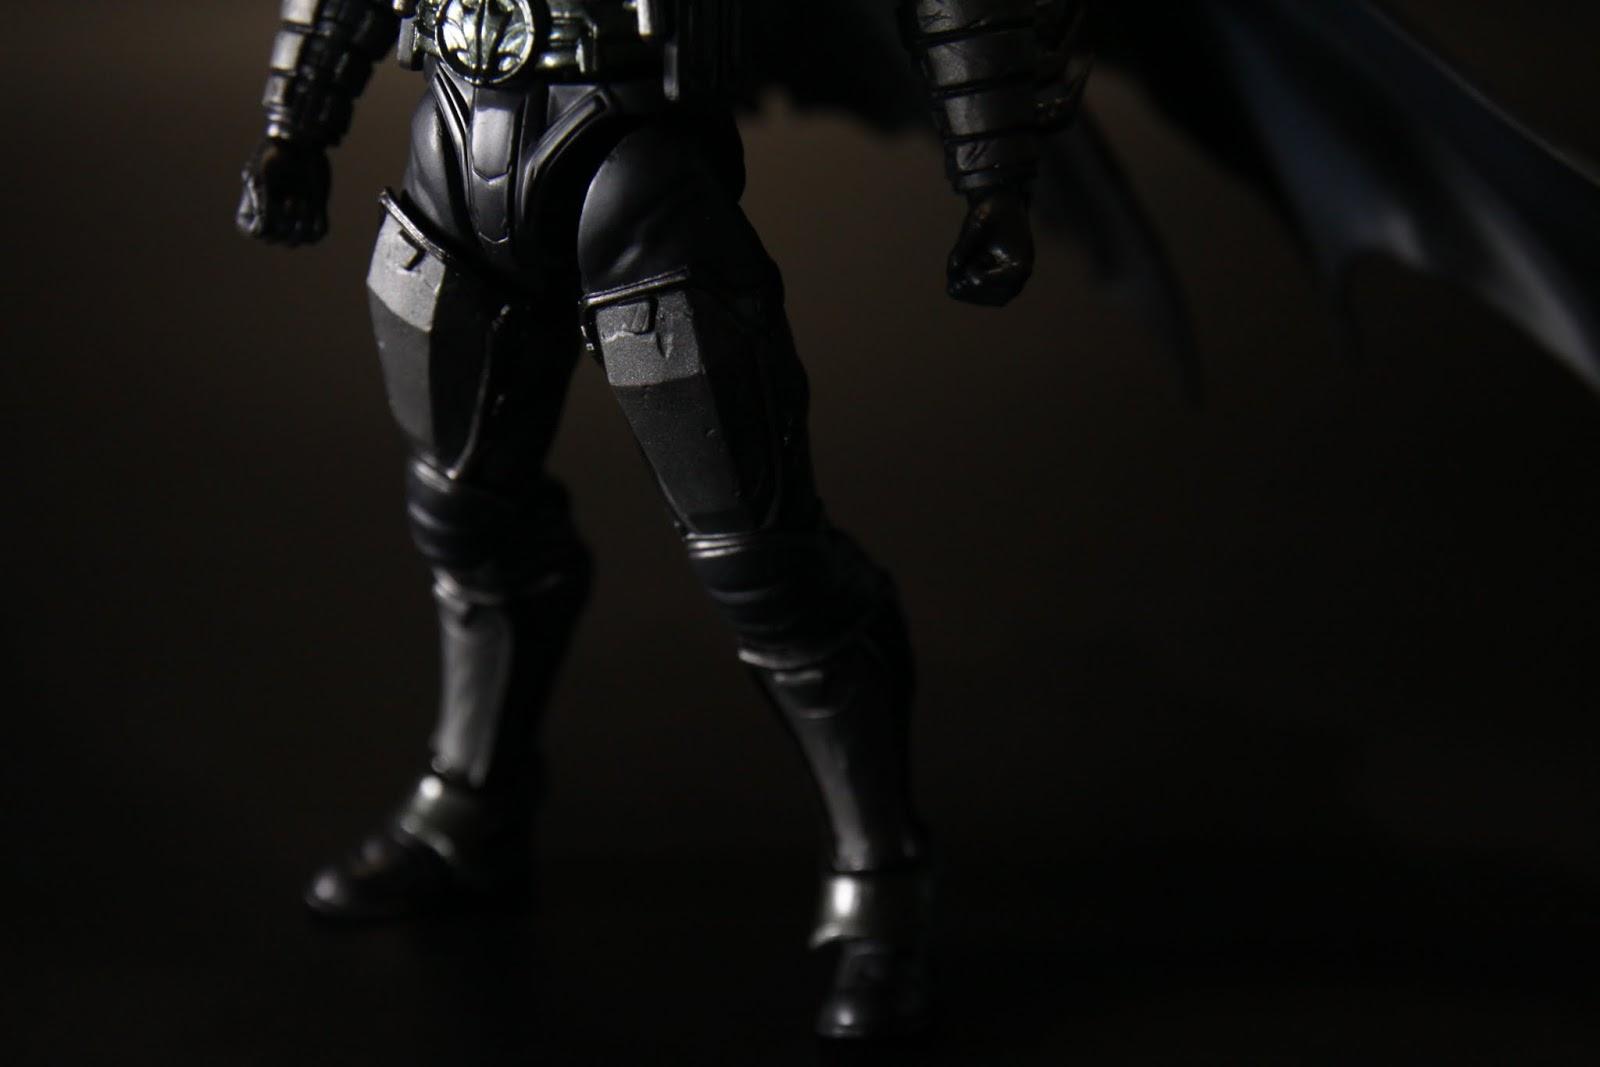 腿部的盔甲有點戰損但是塗裝並沒有表現出來